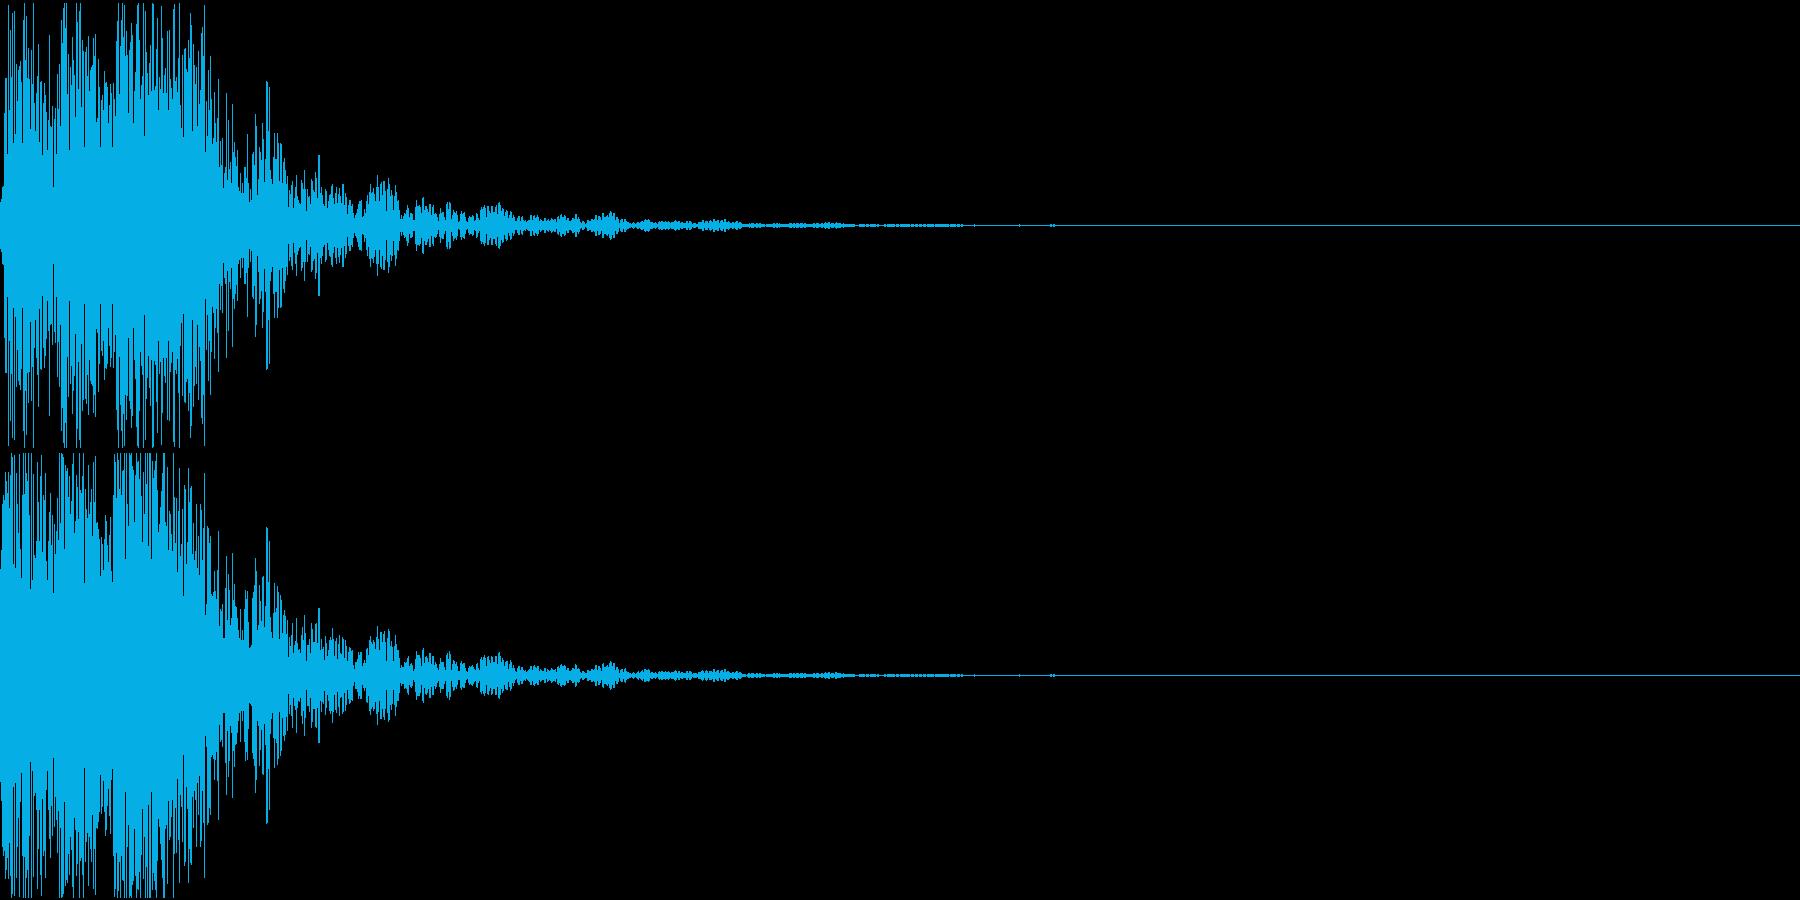 [[デレレン↓]] 和太鼓、箏、三味線の再生済みの波形